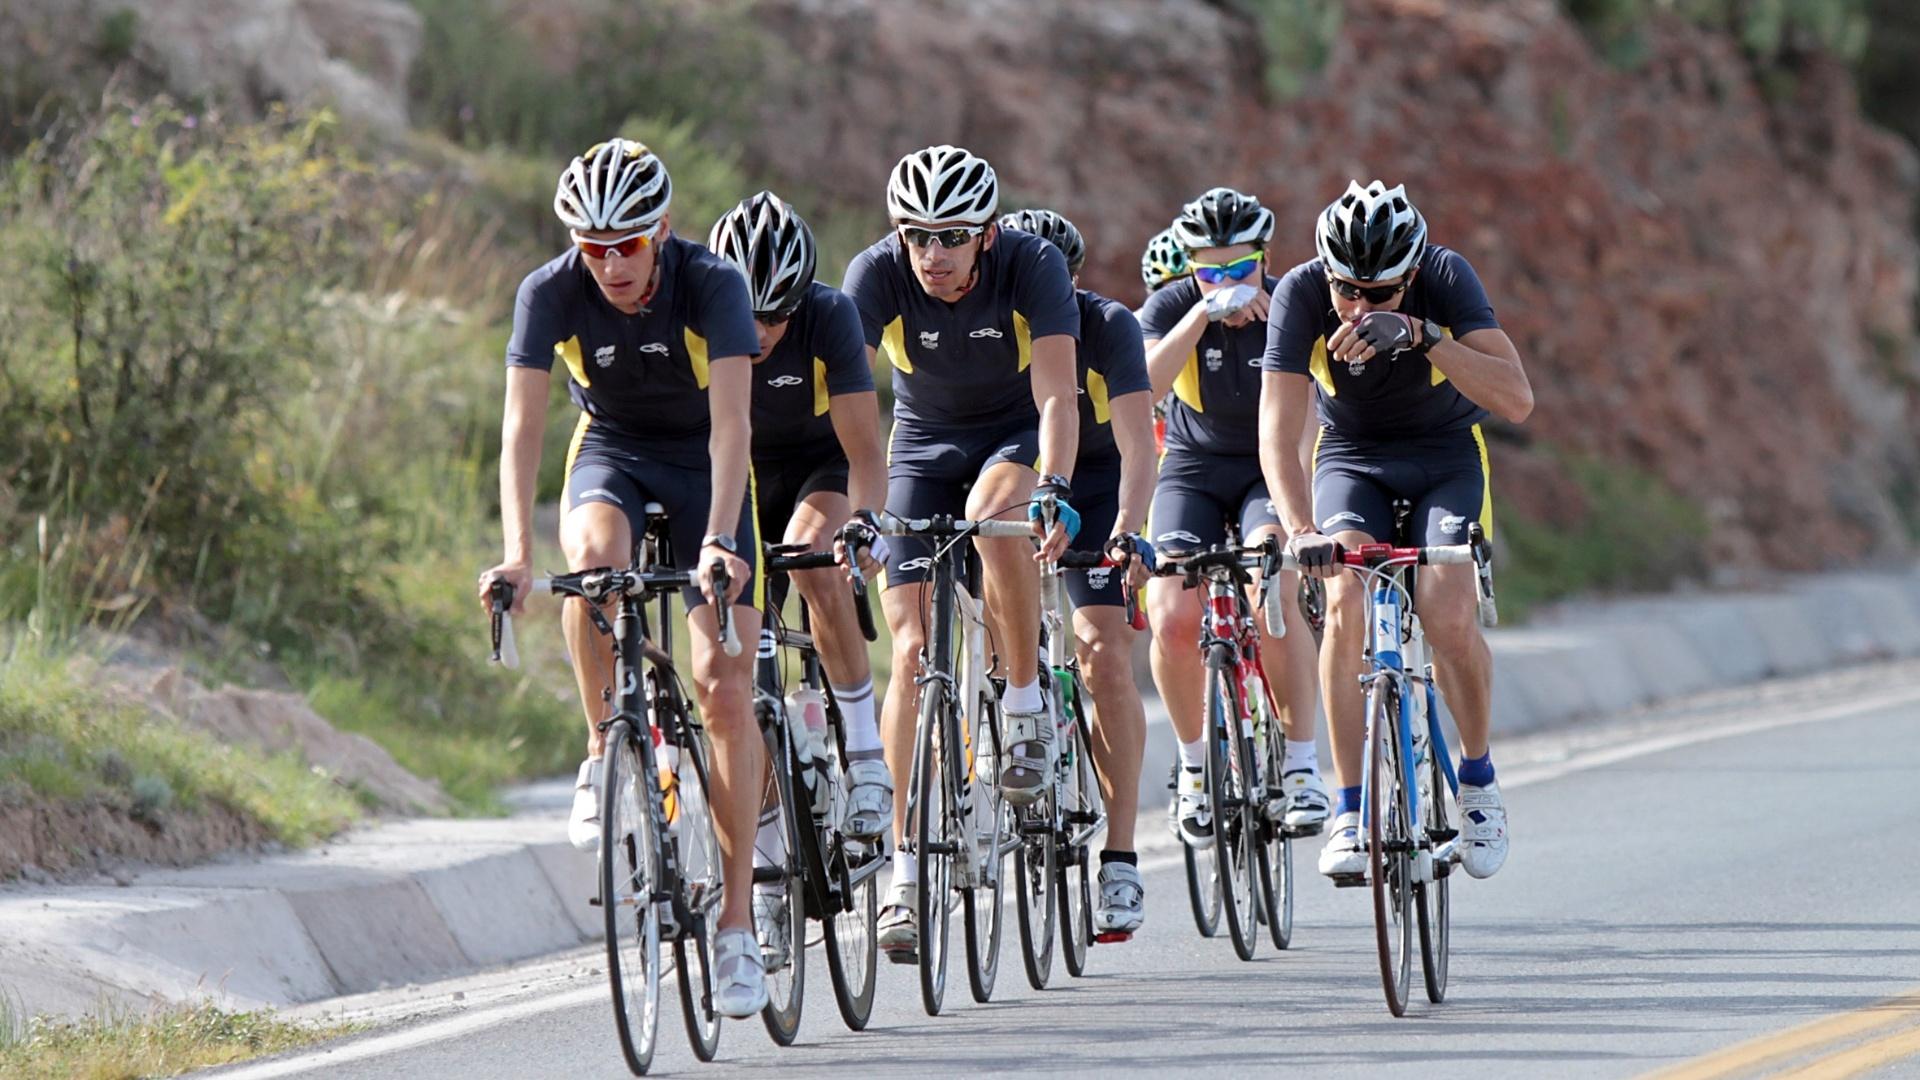 A equipe de triatlo do Brasil já está no México se preparando para representar o país nos Jogos Pan-Americanos de Guadalajara em 2011